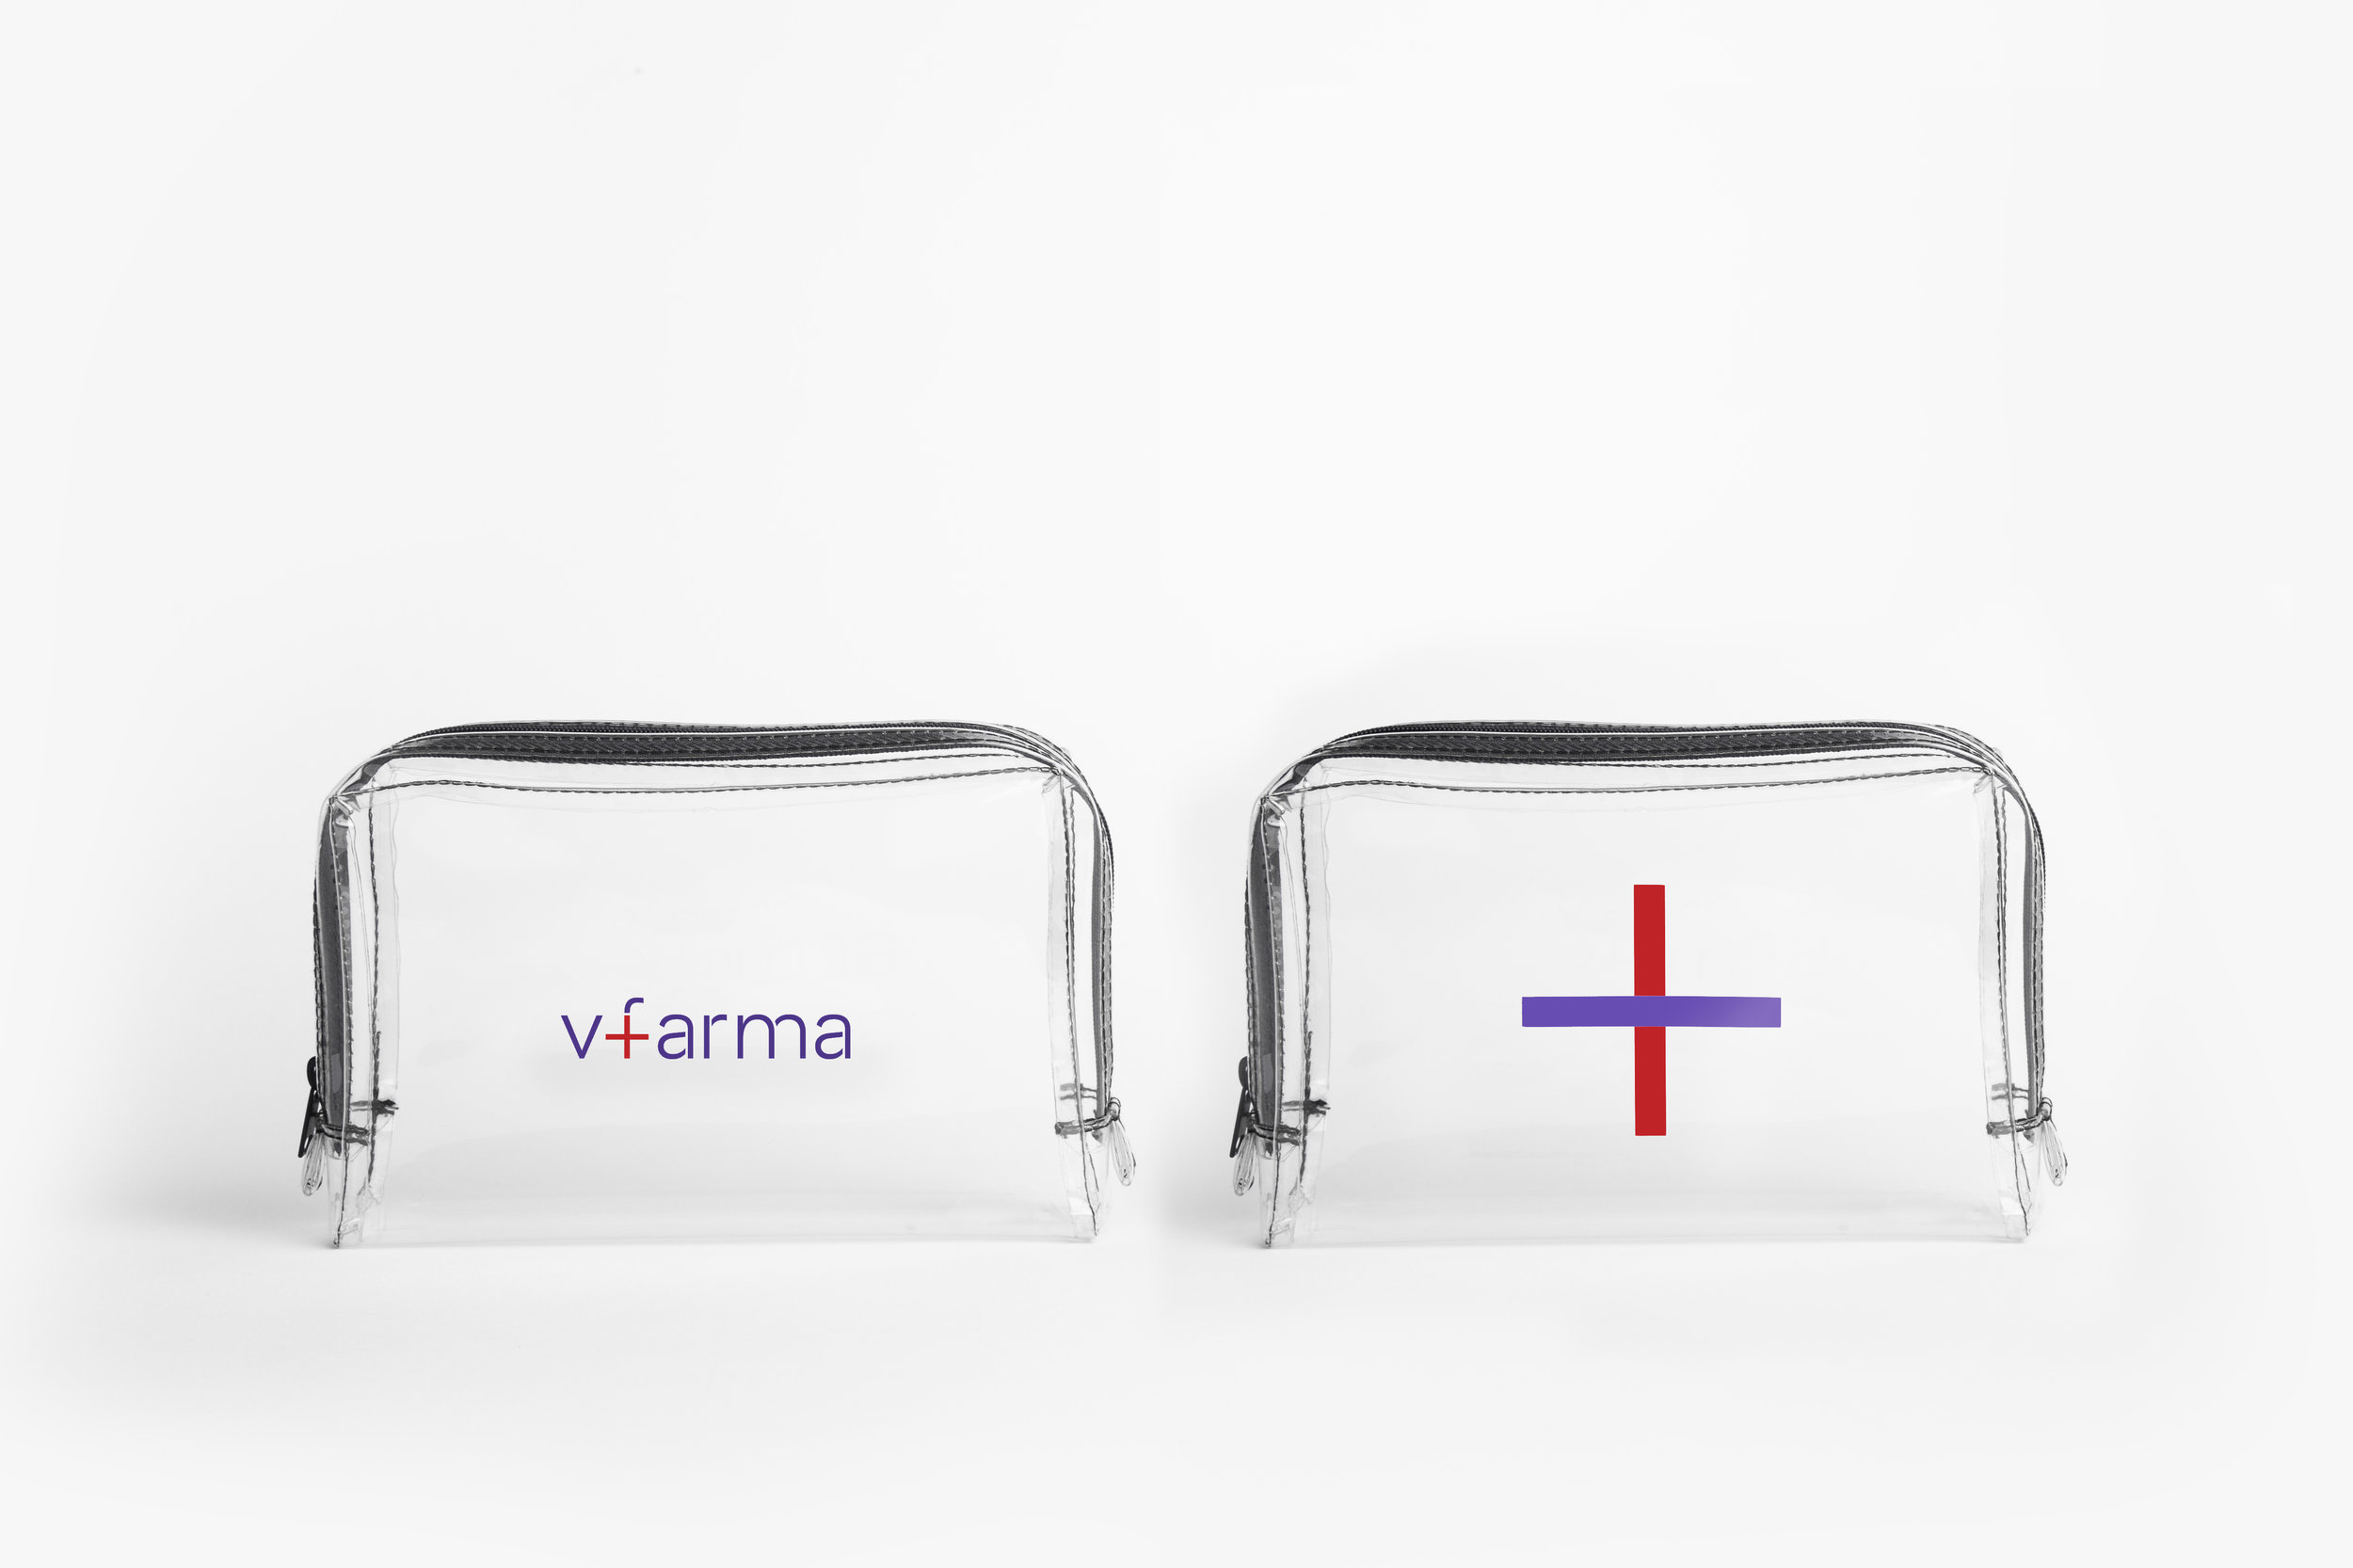 Vfarma by La Tortillería | A Creative Company